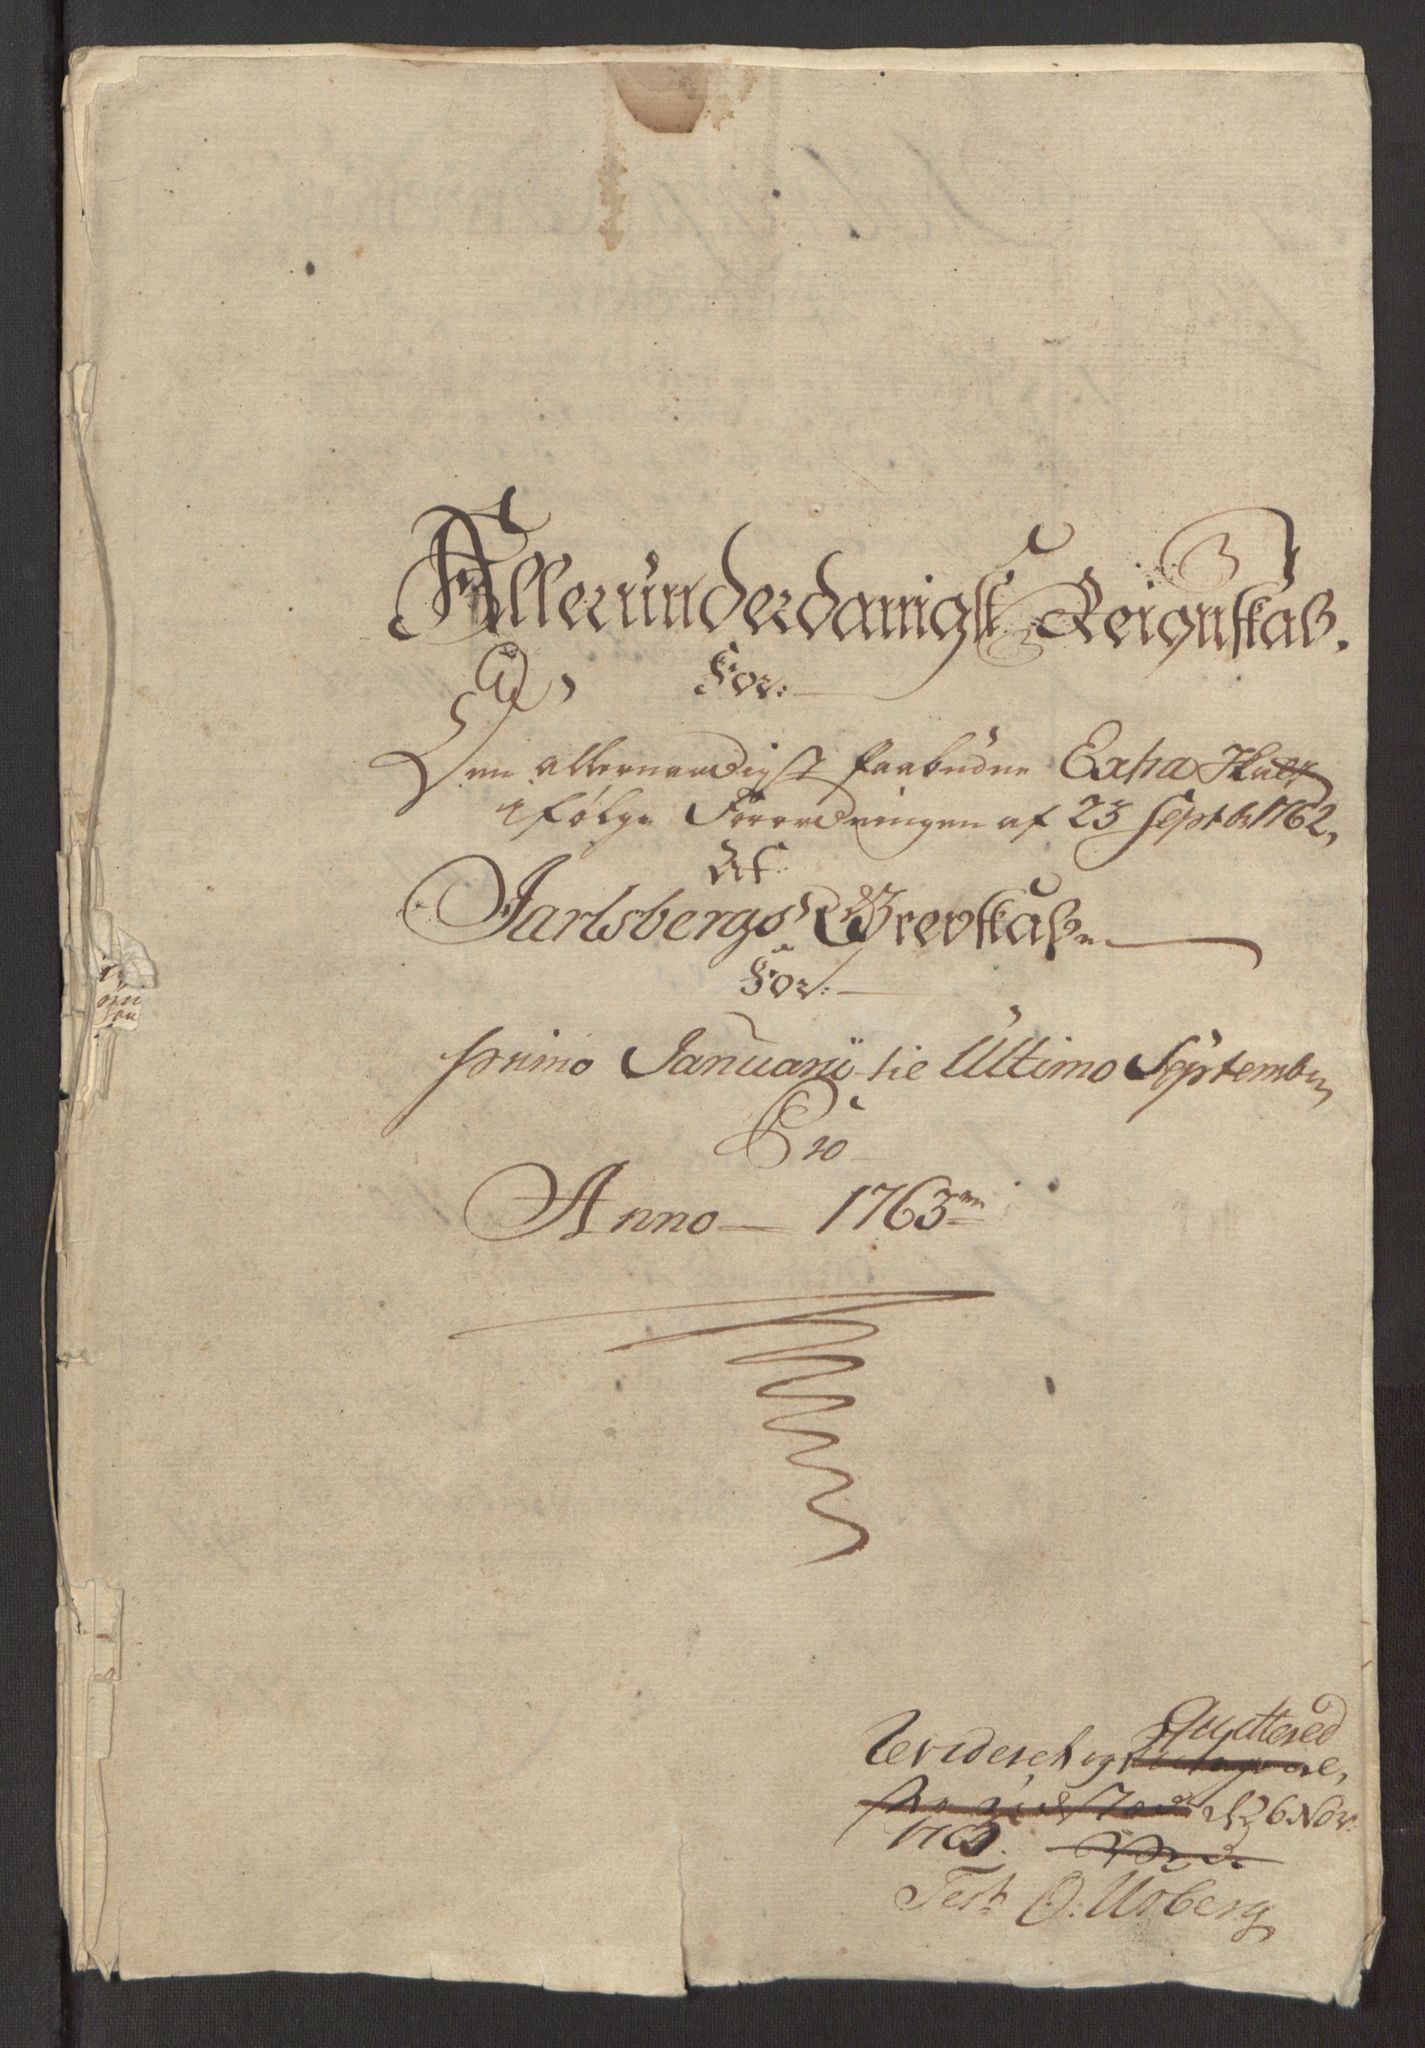 RA, Rentekammeret inntil 1814, Reviderte regnskaper, Fogderegnskap, R32/L1960: Ekstraskatten Jarlsberg grevskap, 1762-1772, s. 23